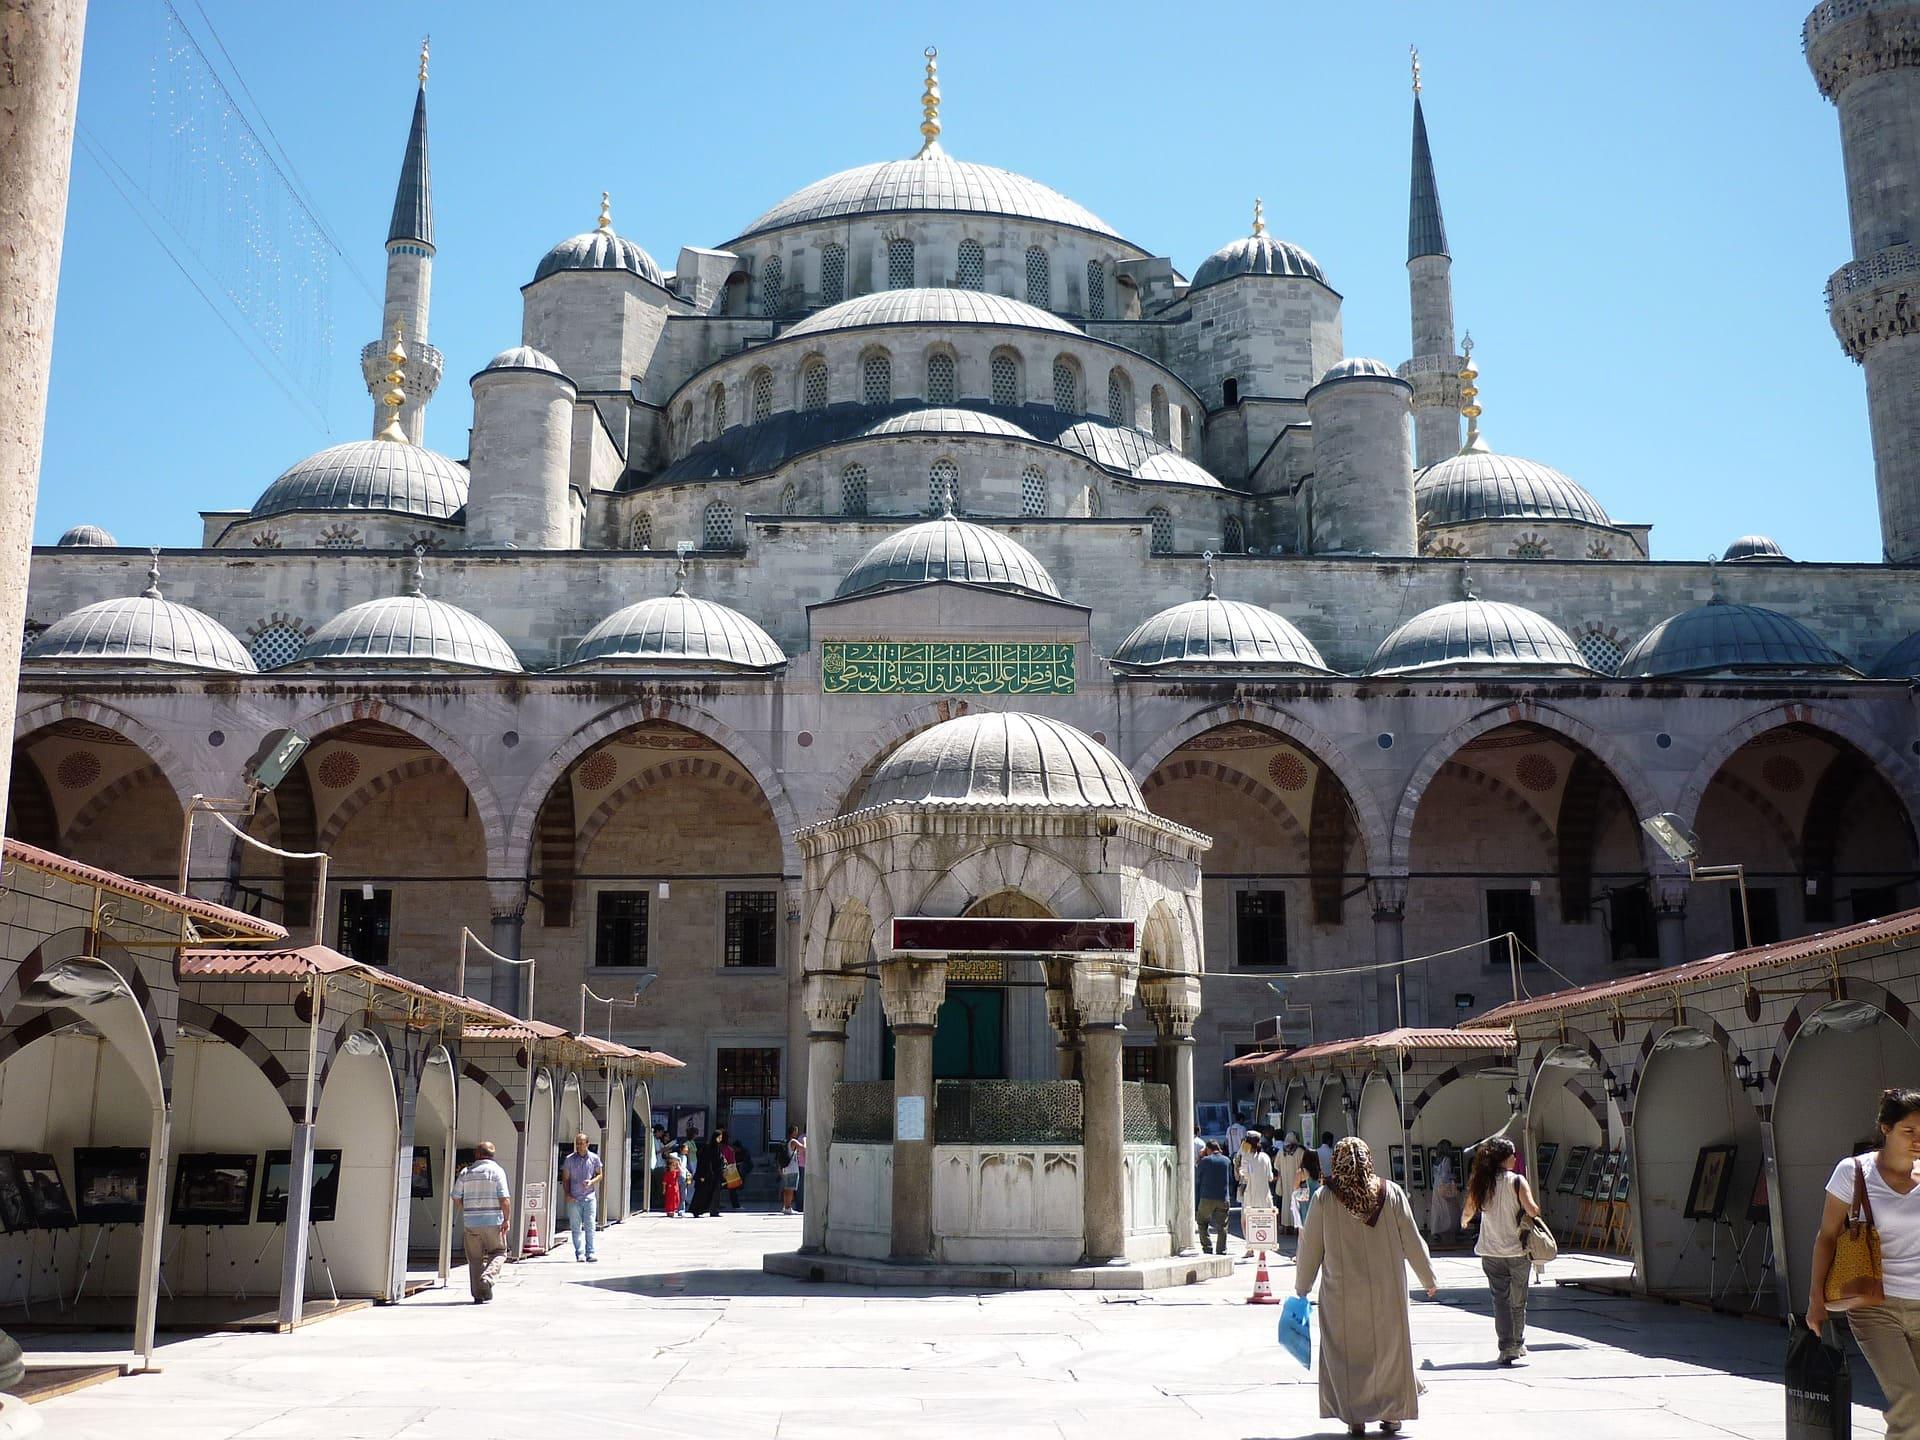 mezquita-azul-estambul-turquia